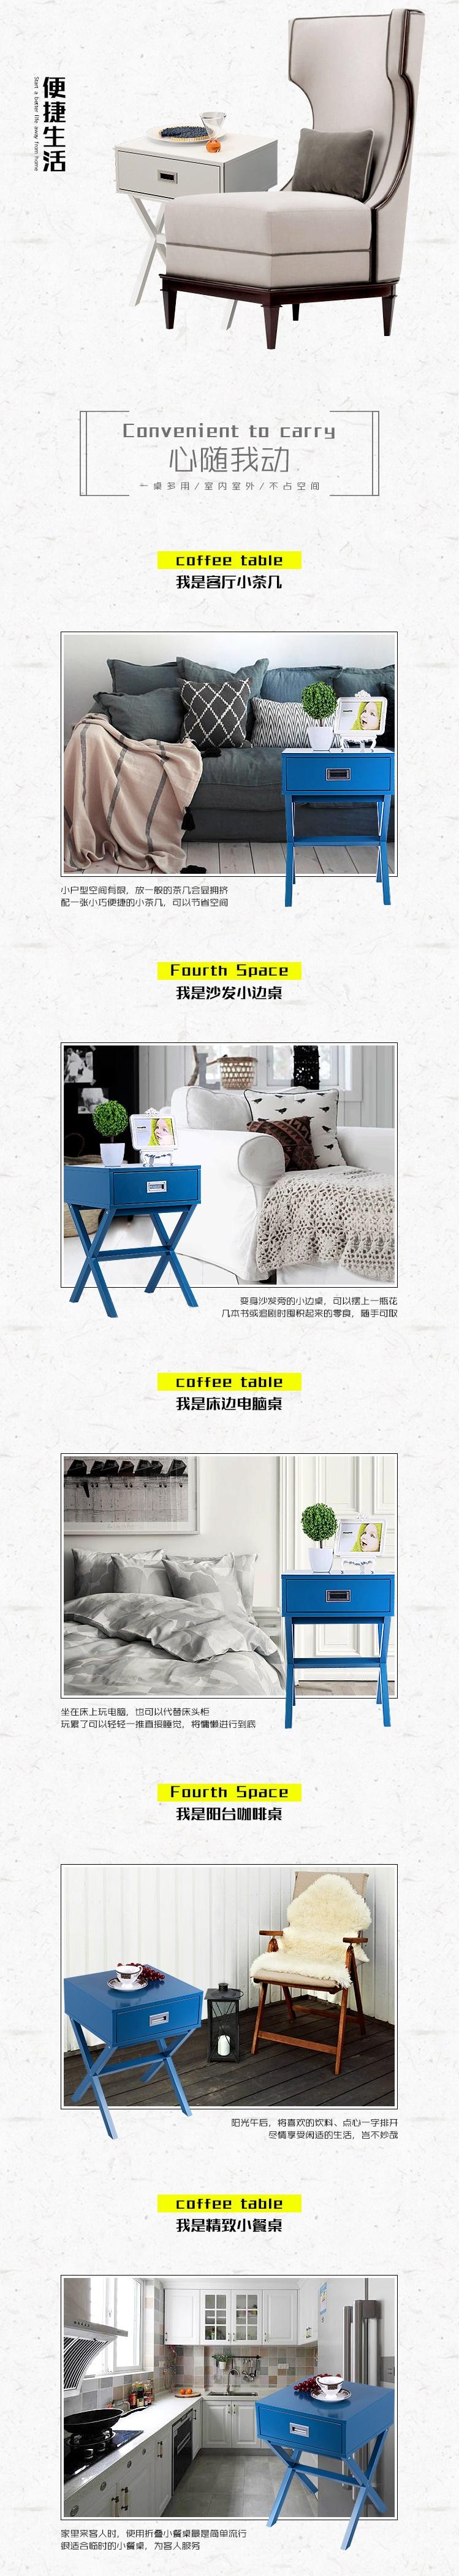 淘宝详情页设计沙发